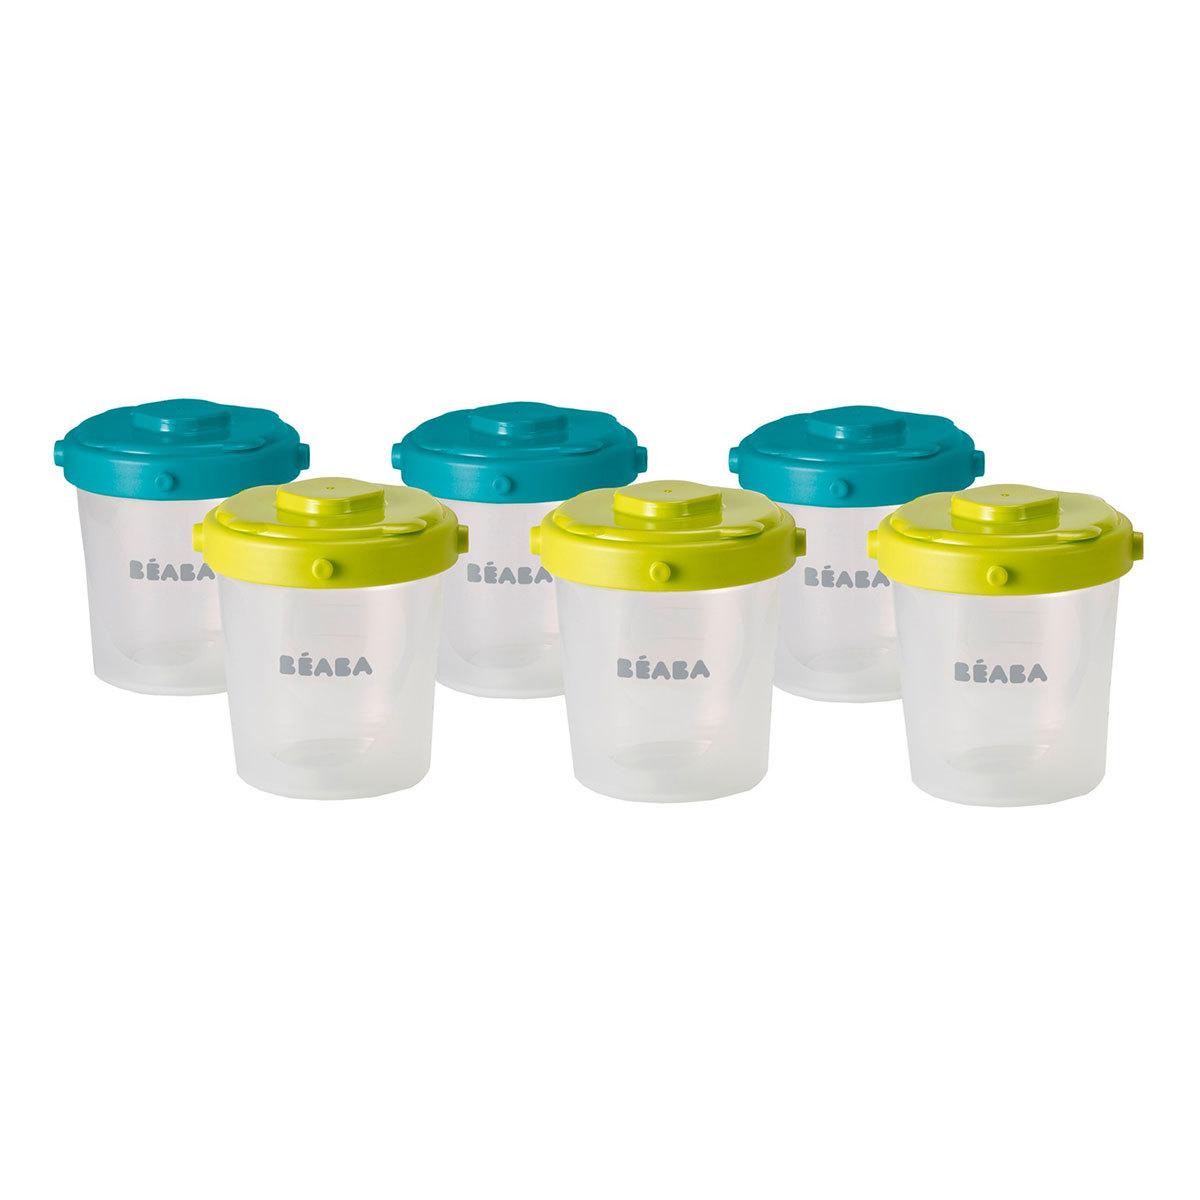 Vaisselle & Couvert Lot de 6 Portions Clip 2ème âge 200 ml - Bleu/Vert Lot de 6 Portions Clip 2ème âge 200 ml - Bleu/Vert